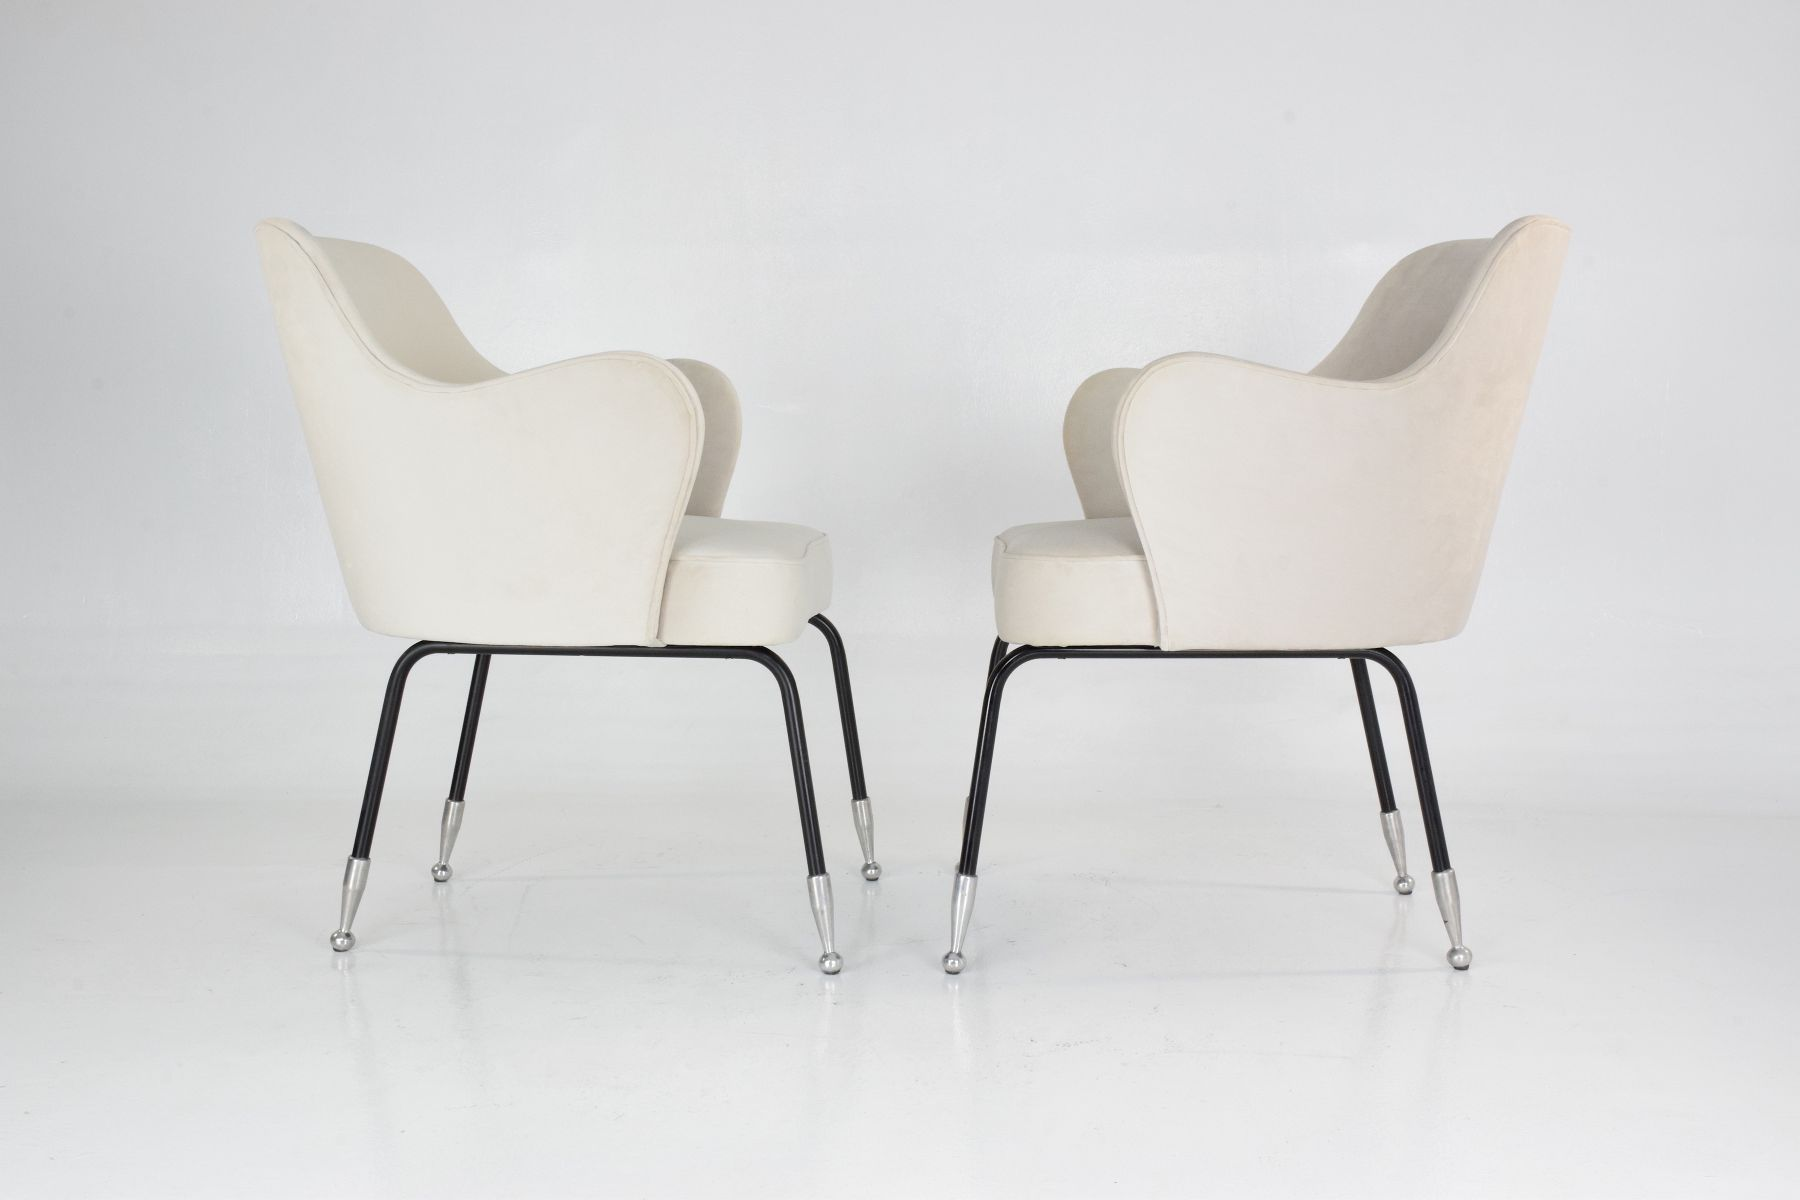 Kurvige italienische sessel 1950er 2er set bei pamono kaufen for Italienische sessel design